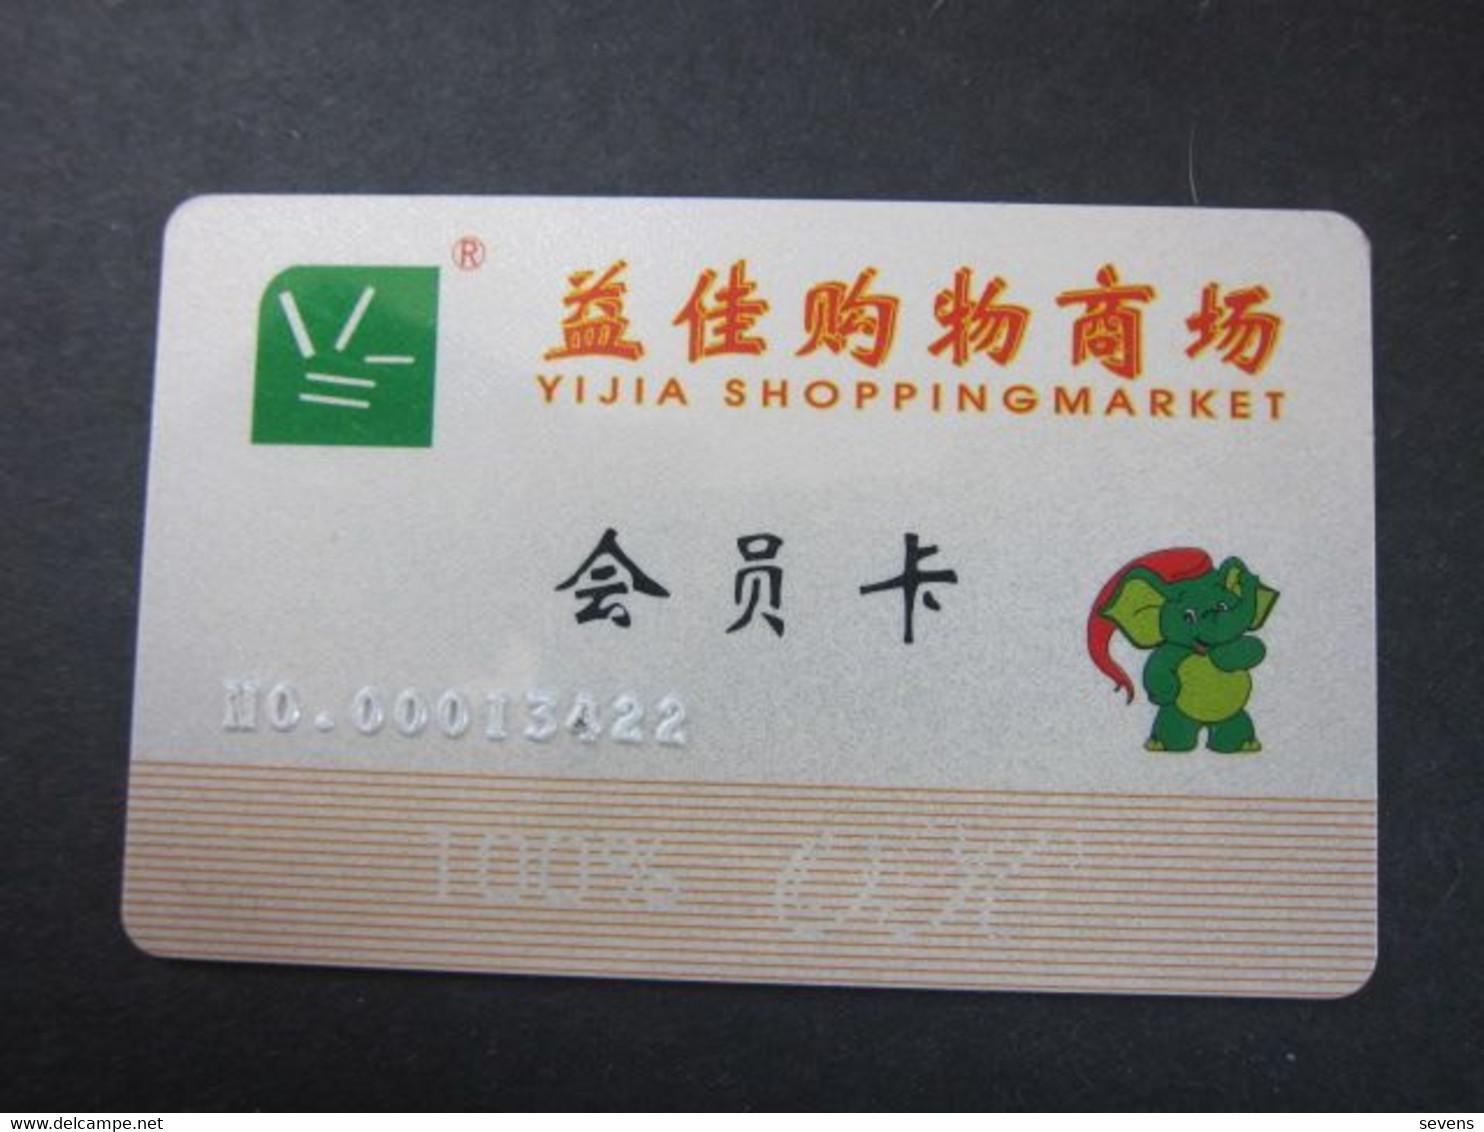 Yijia Shopping Market Membership Card,elephant - Unclassified